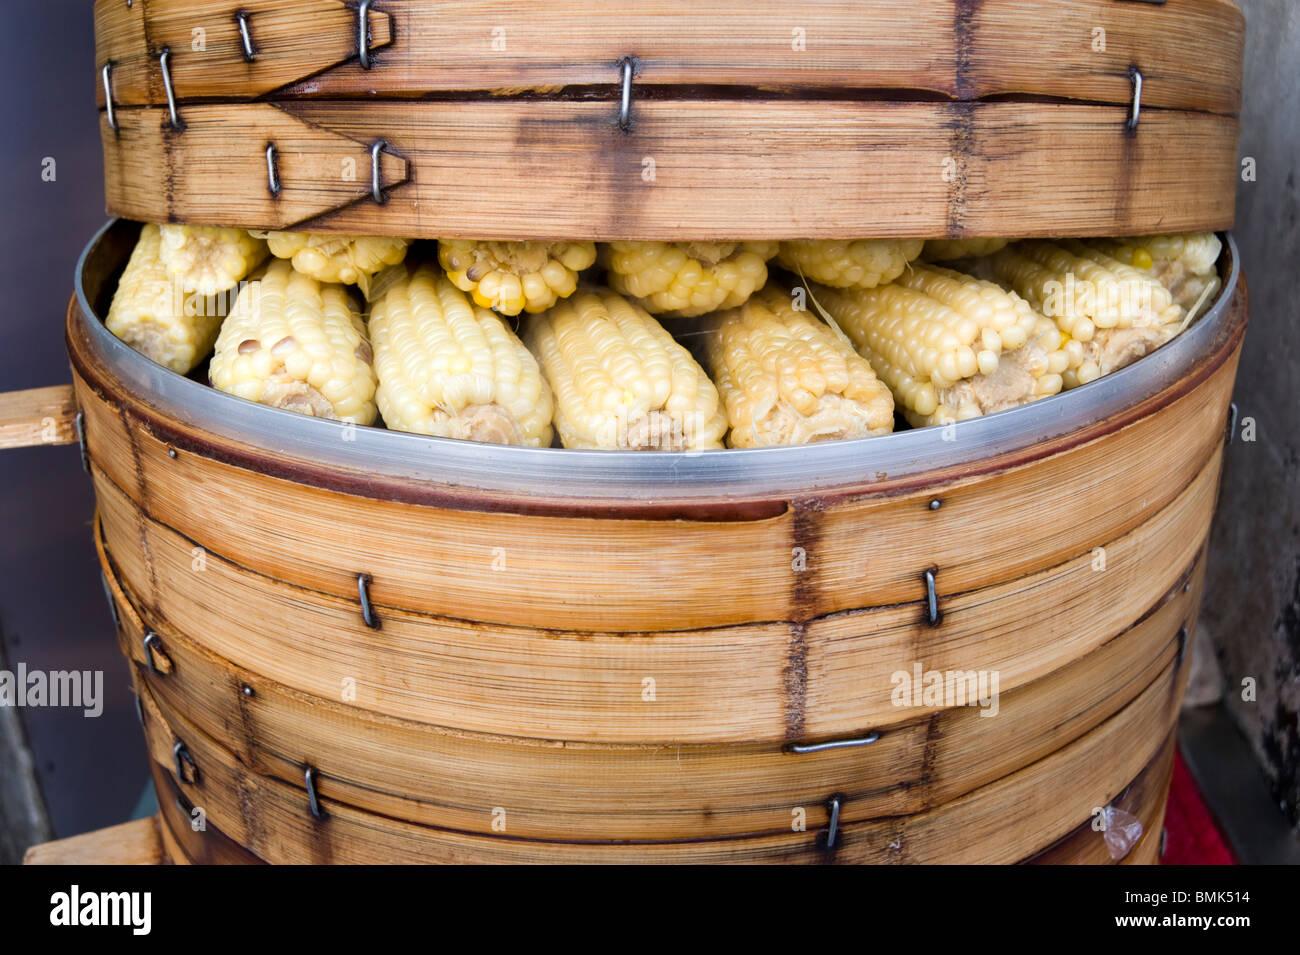 Des épis de maïs dans l'alimentation de rue des paniers de bambou, Shanghai, Chine Photo Stock